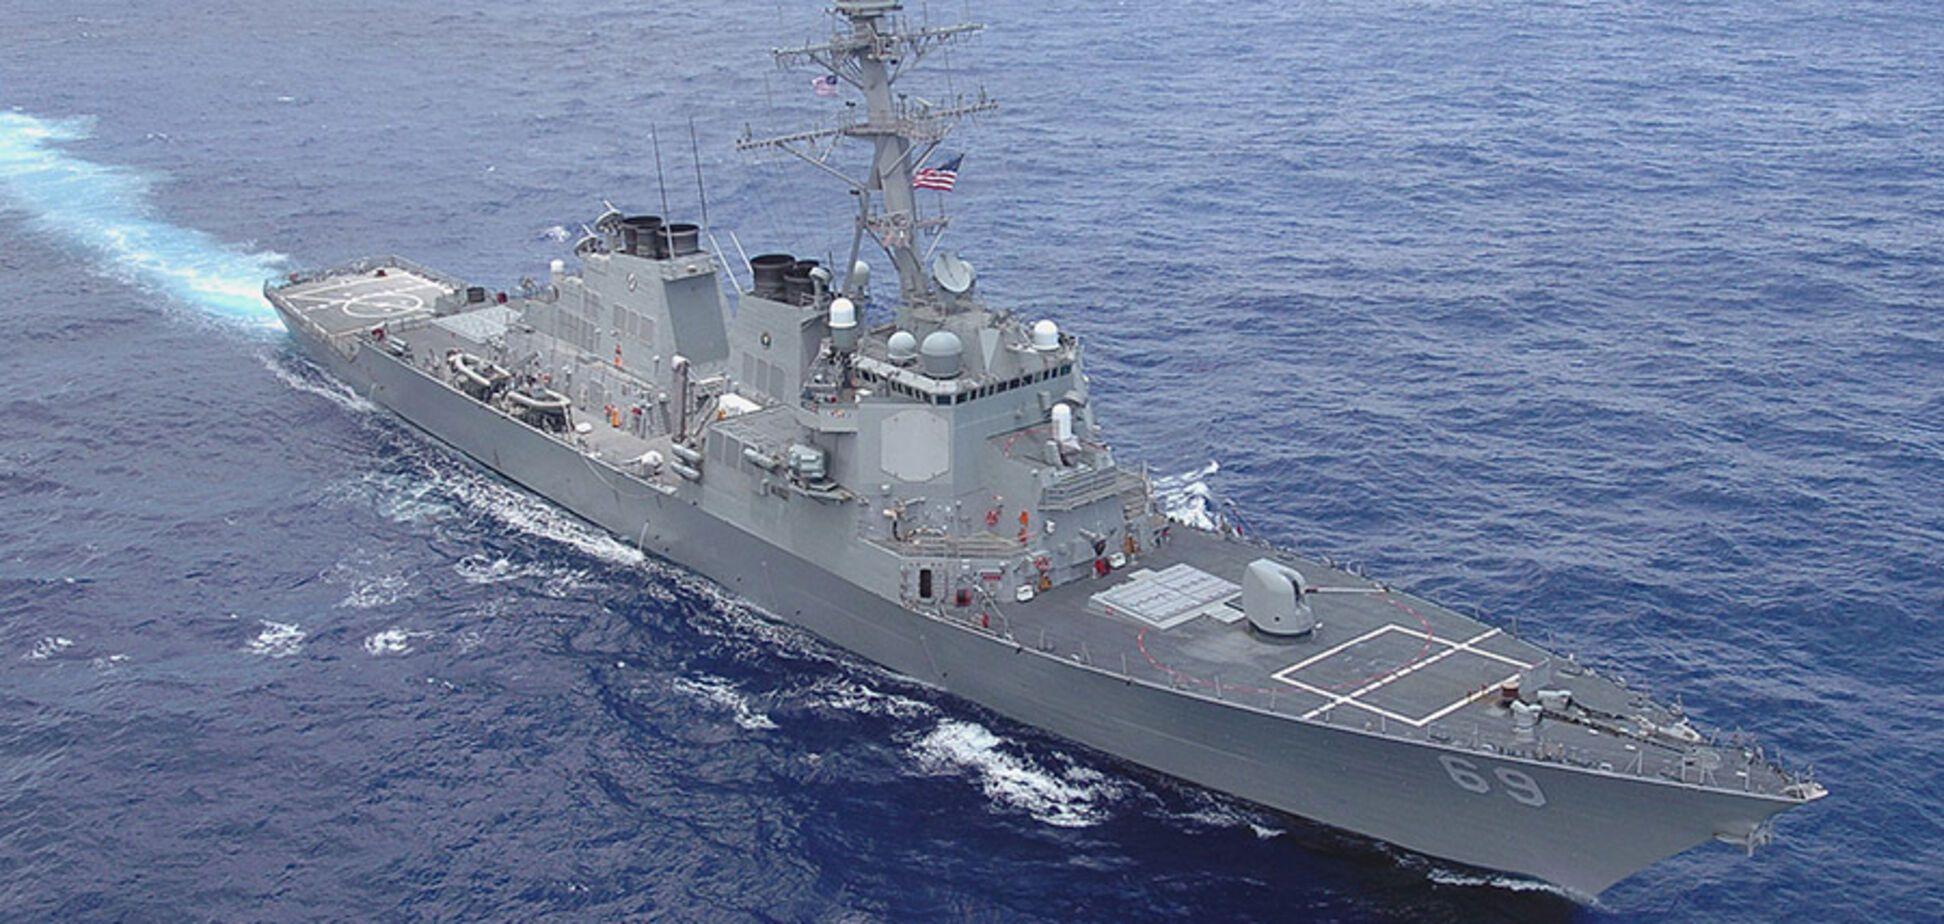 Эсминец США в Черном море: Россия пошла на крайние меры для защиты